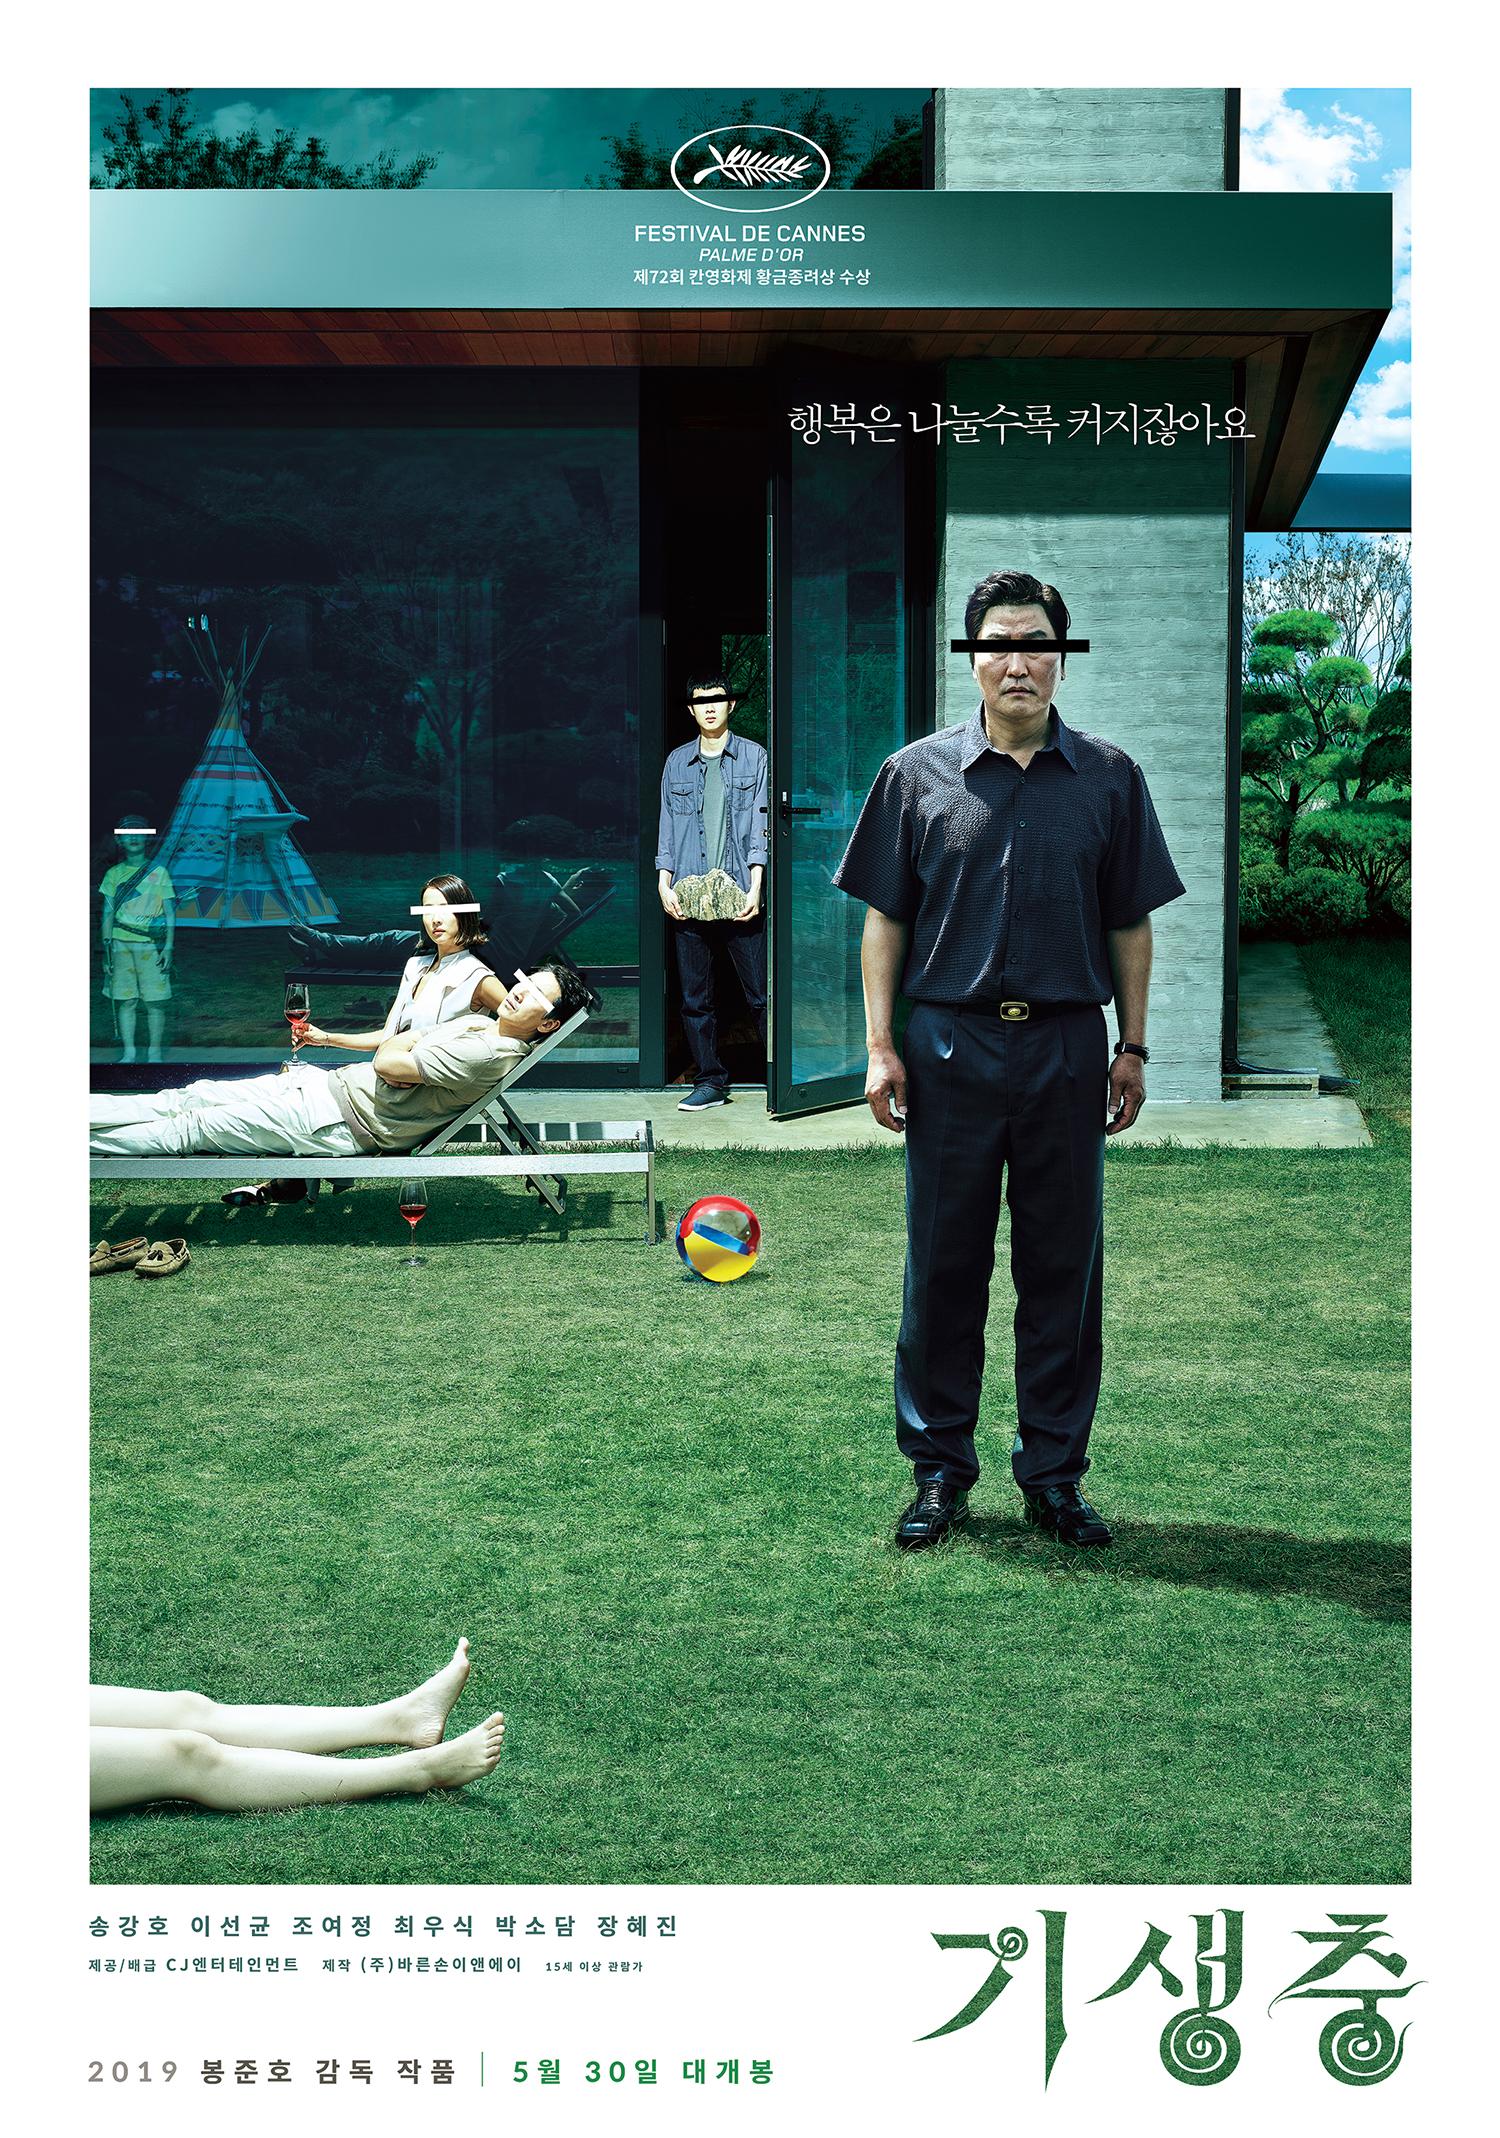 'Ký sinh trùng': Khi những con bọ của xã hội ngọ nguậy và tấm mặt nạ giàu - nghèo đáng báo động ở Hàn Quốc - Hình 1